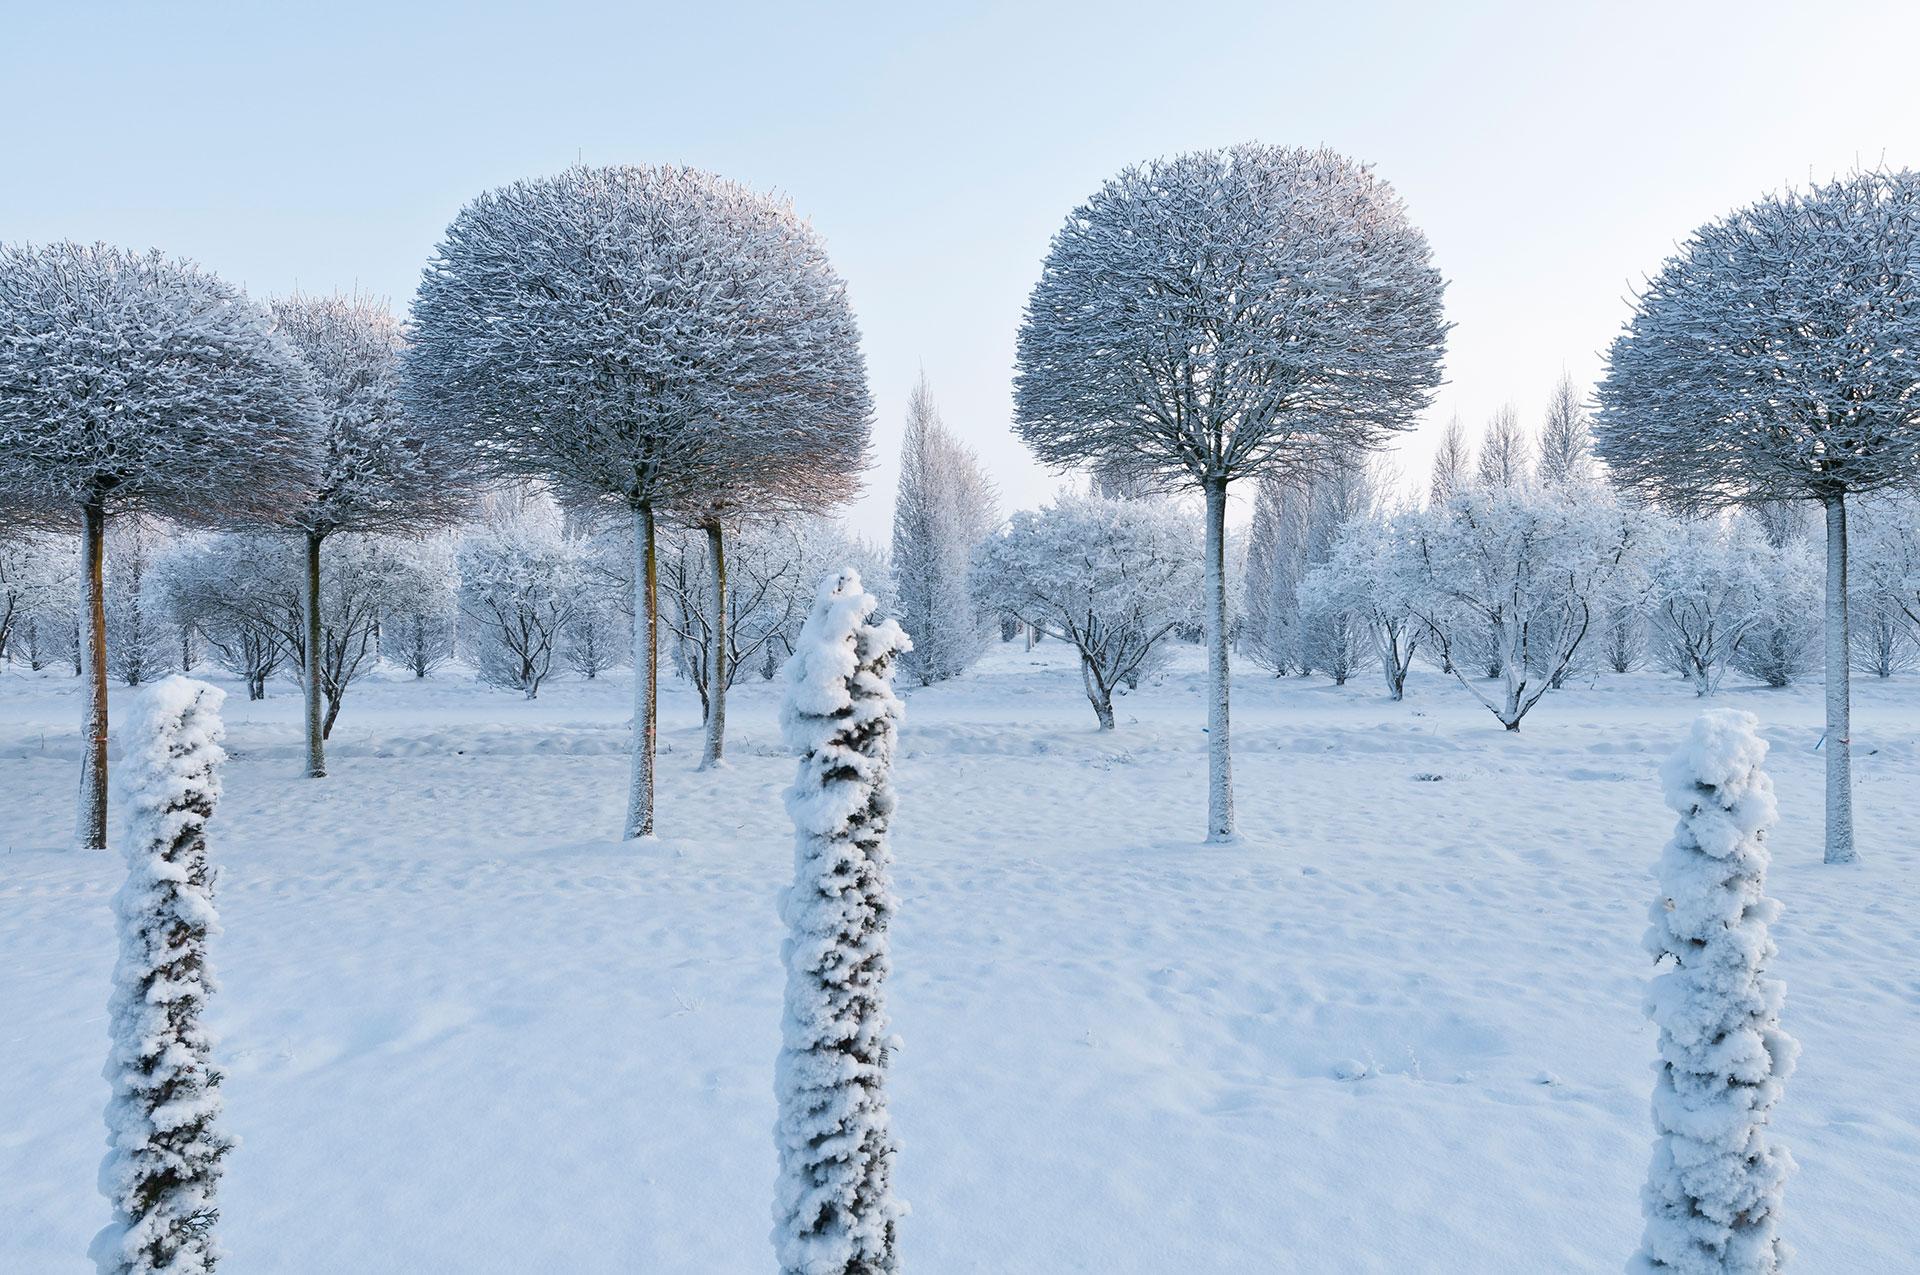 Niedersachsen im Ammerland eine Baumschule im Winter mit schneebedeckten Bäumen